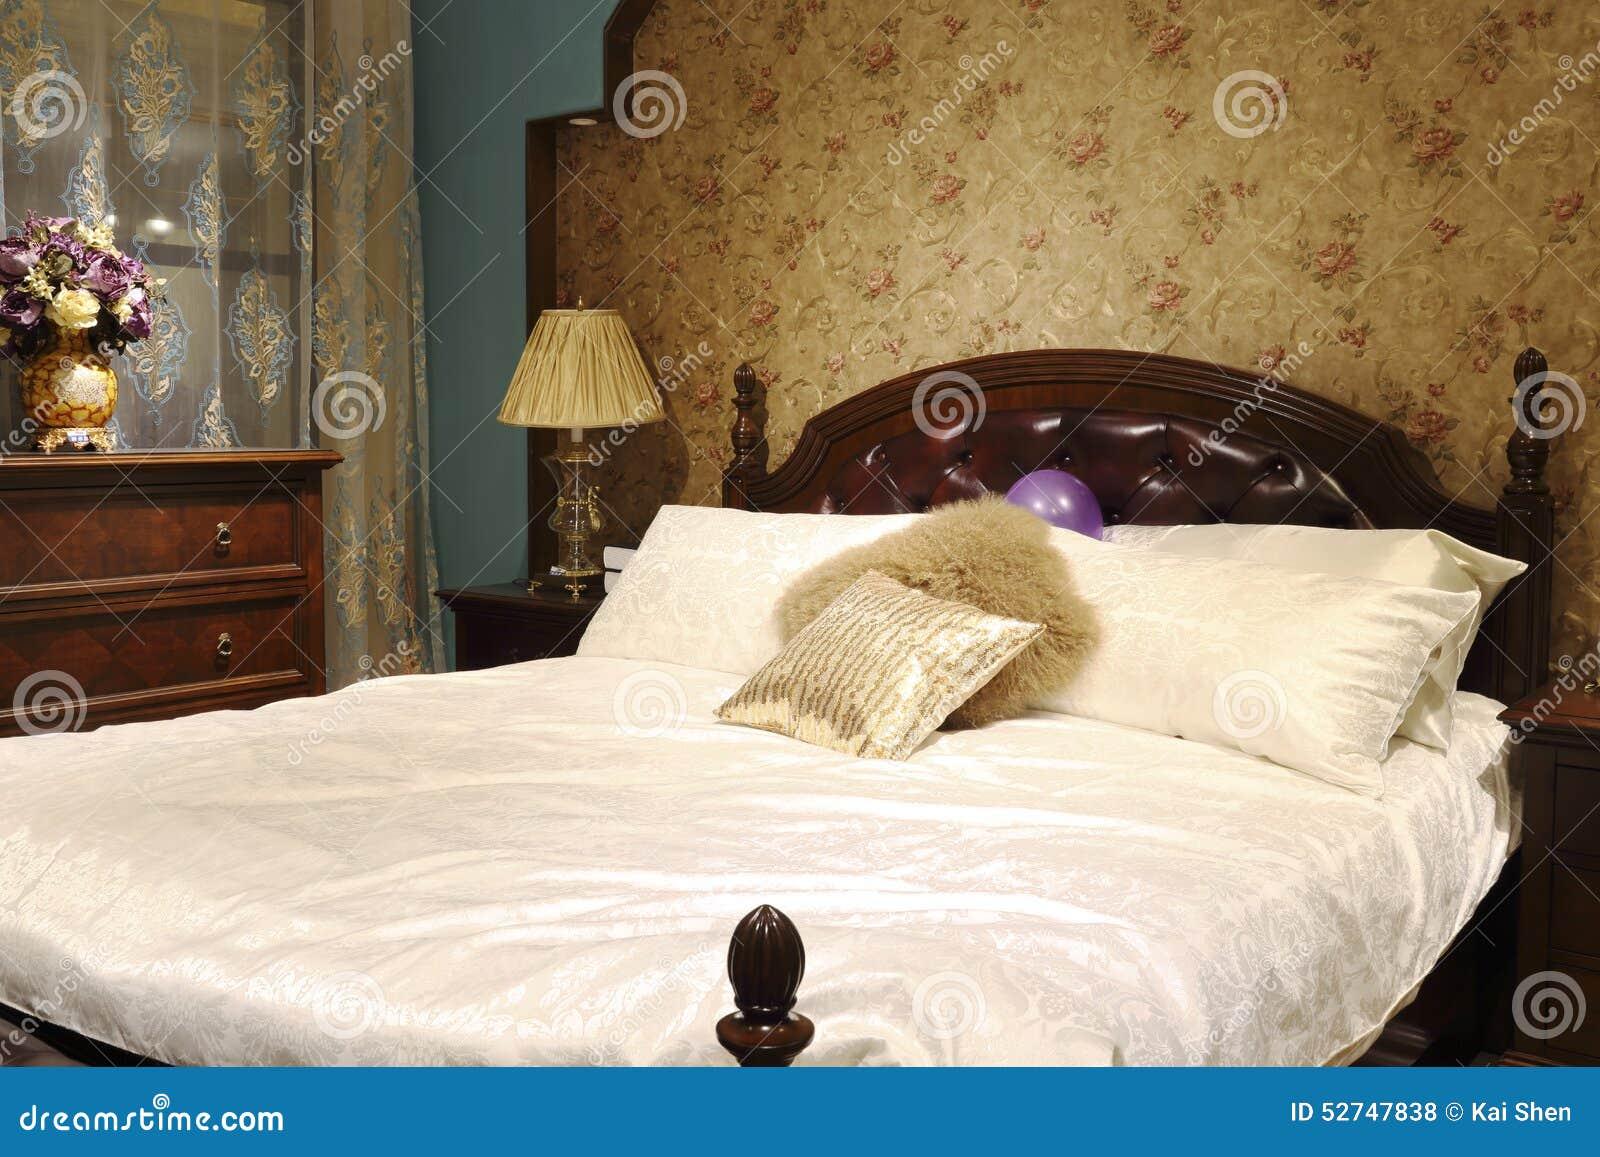 Nostalgiebett Und Kabinett Im Schlafzimmer Stockfoto Bild Von